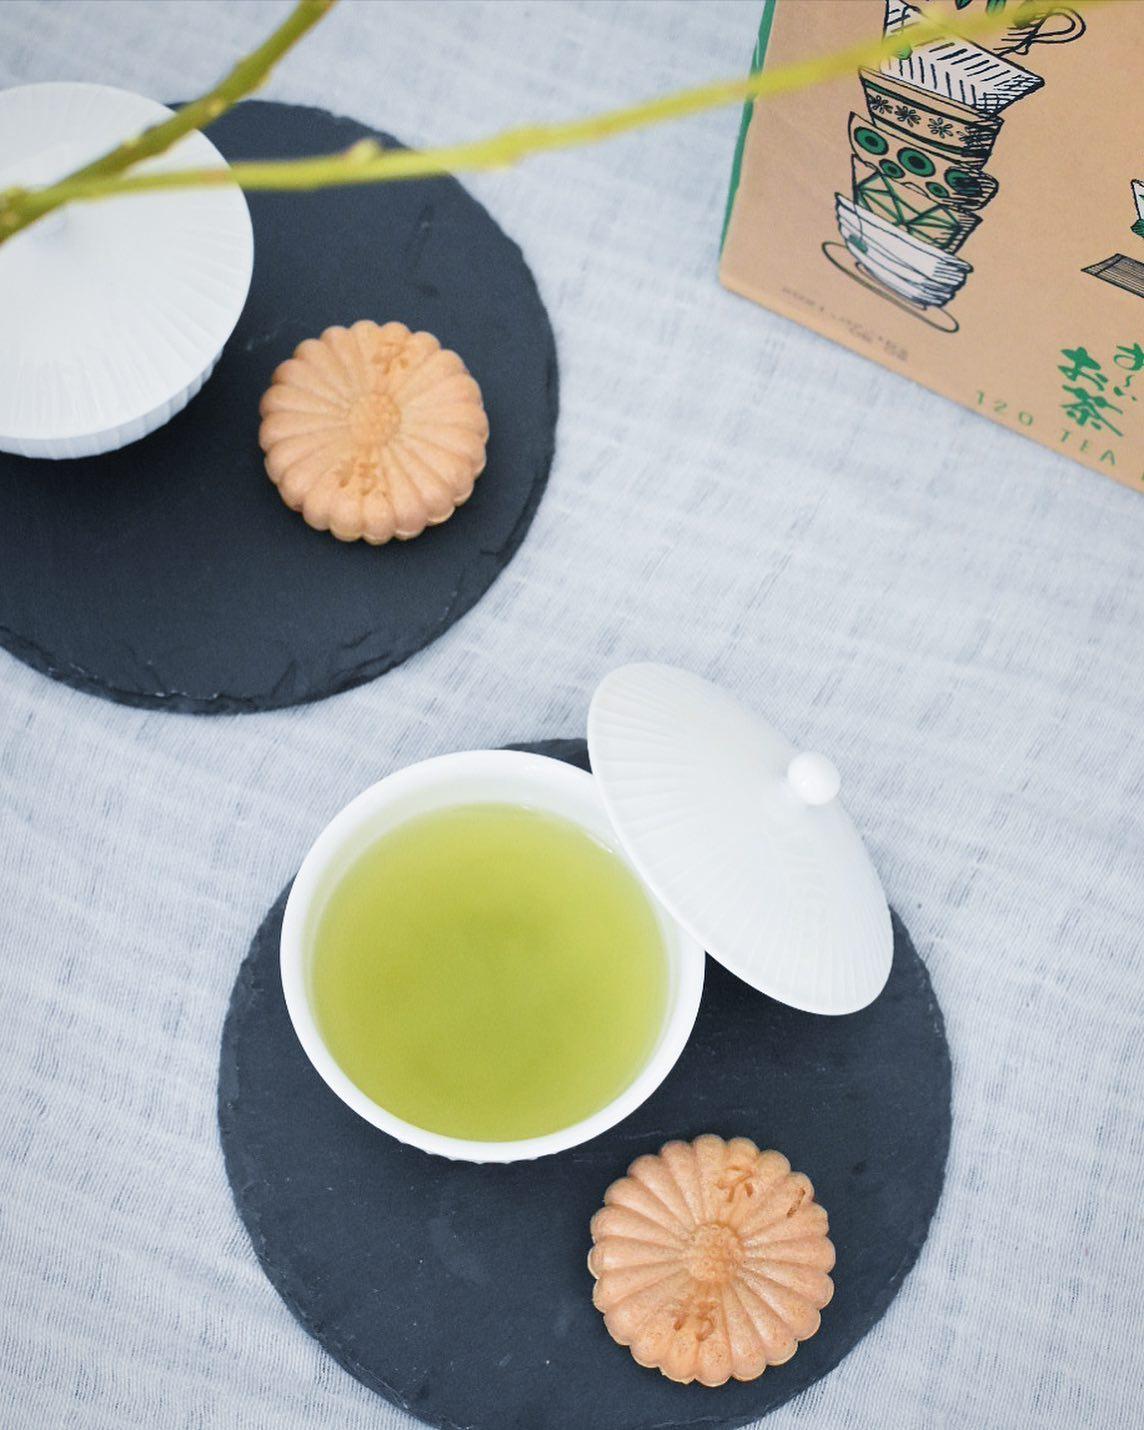 口コミ投稿:名古屋で最中といえば、の不朽園の最中で食後のお茶🍵   和菓子にはやっぱり緑茶…